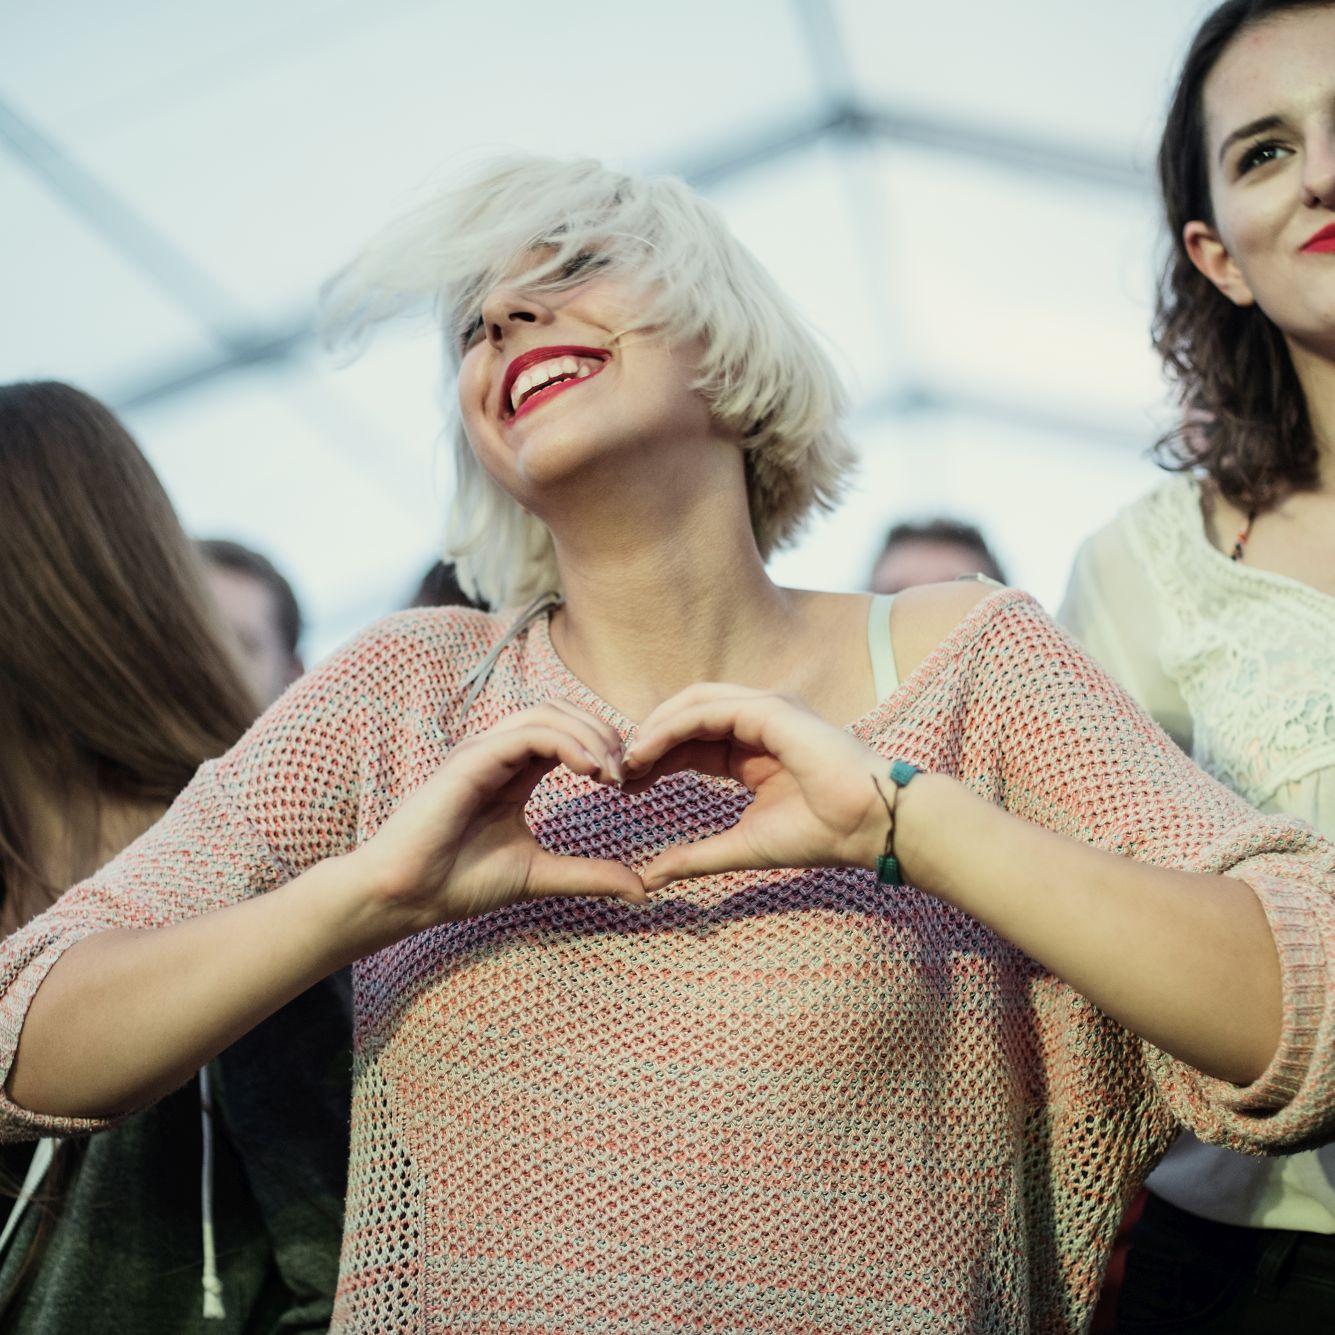 [na zdjęciu dziewczyna mająca złożone dłonie w symboliczne serce